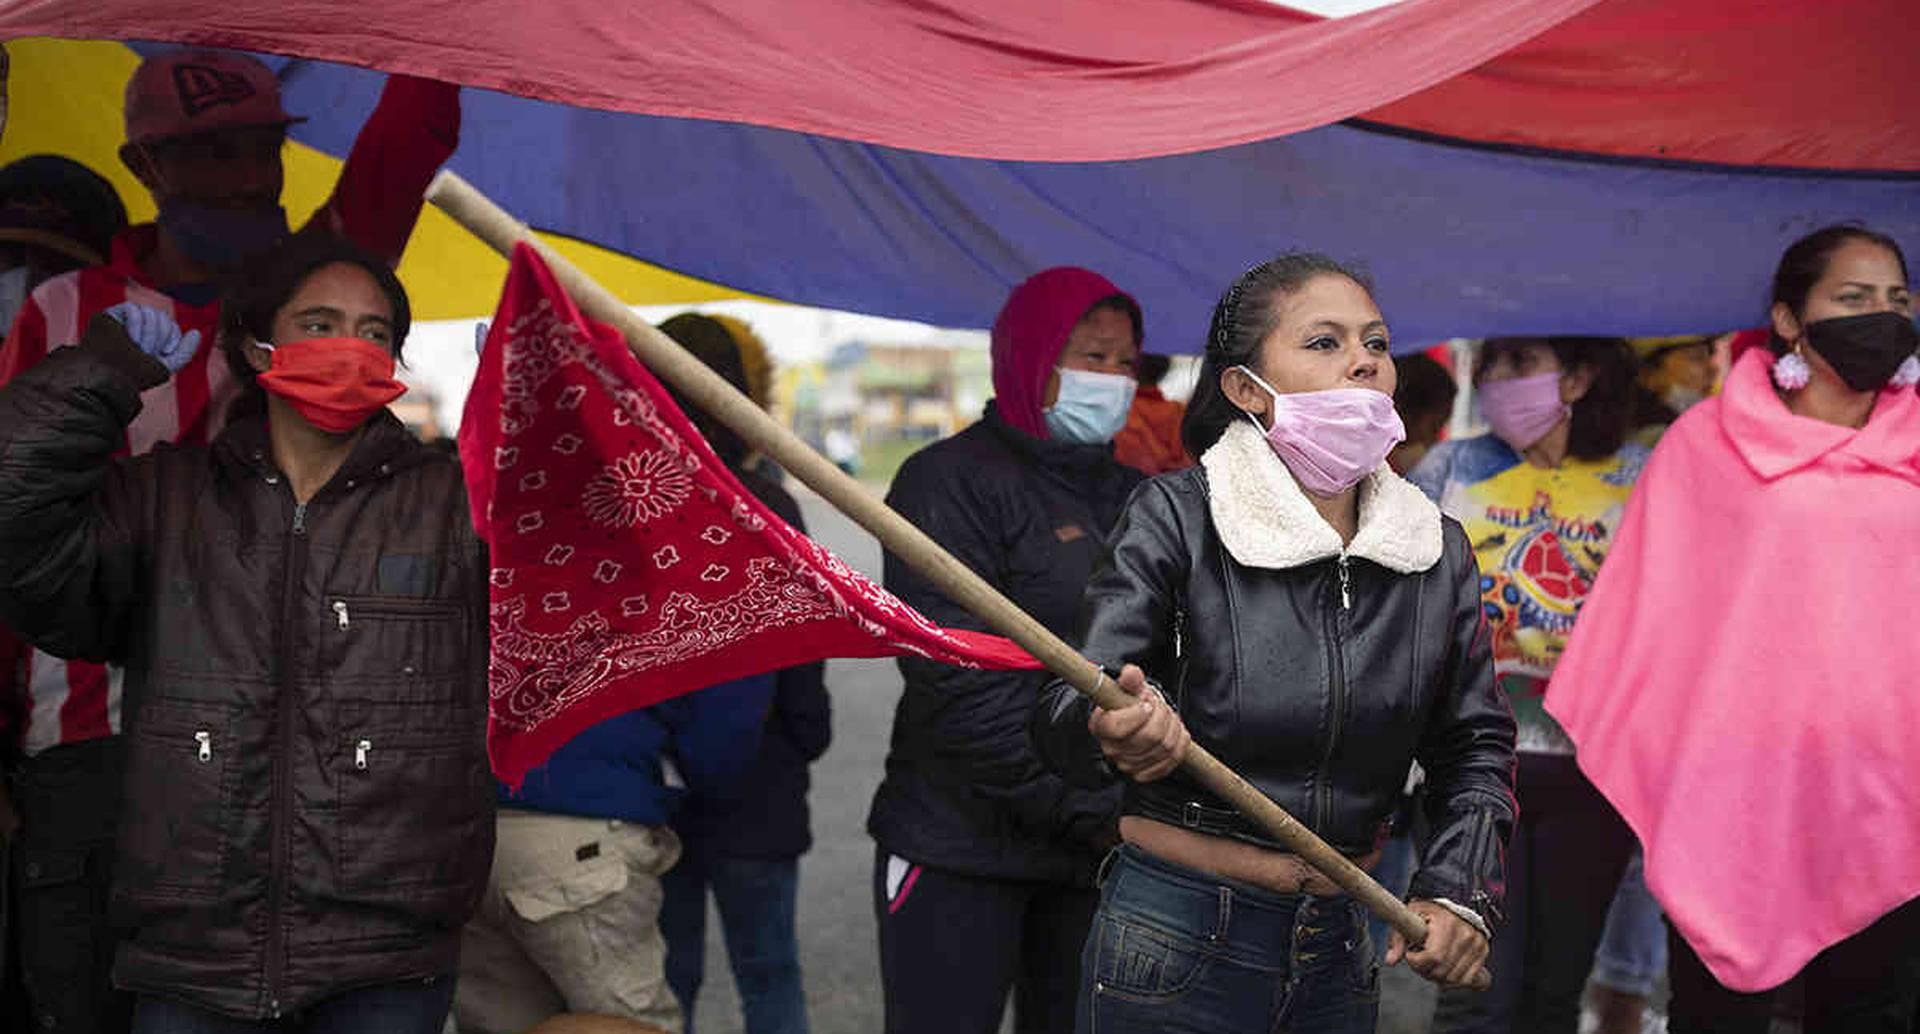 Bloqueos en la salida de Bogotá vía al Llano de ciudadanos que denuncian falta de recursos y presencia del estado durante la pandemia.